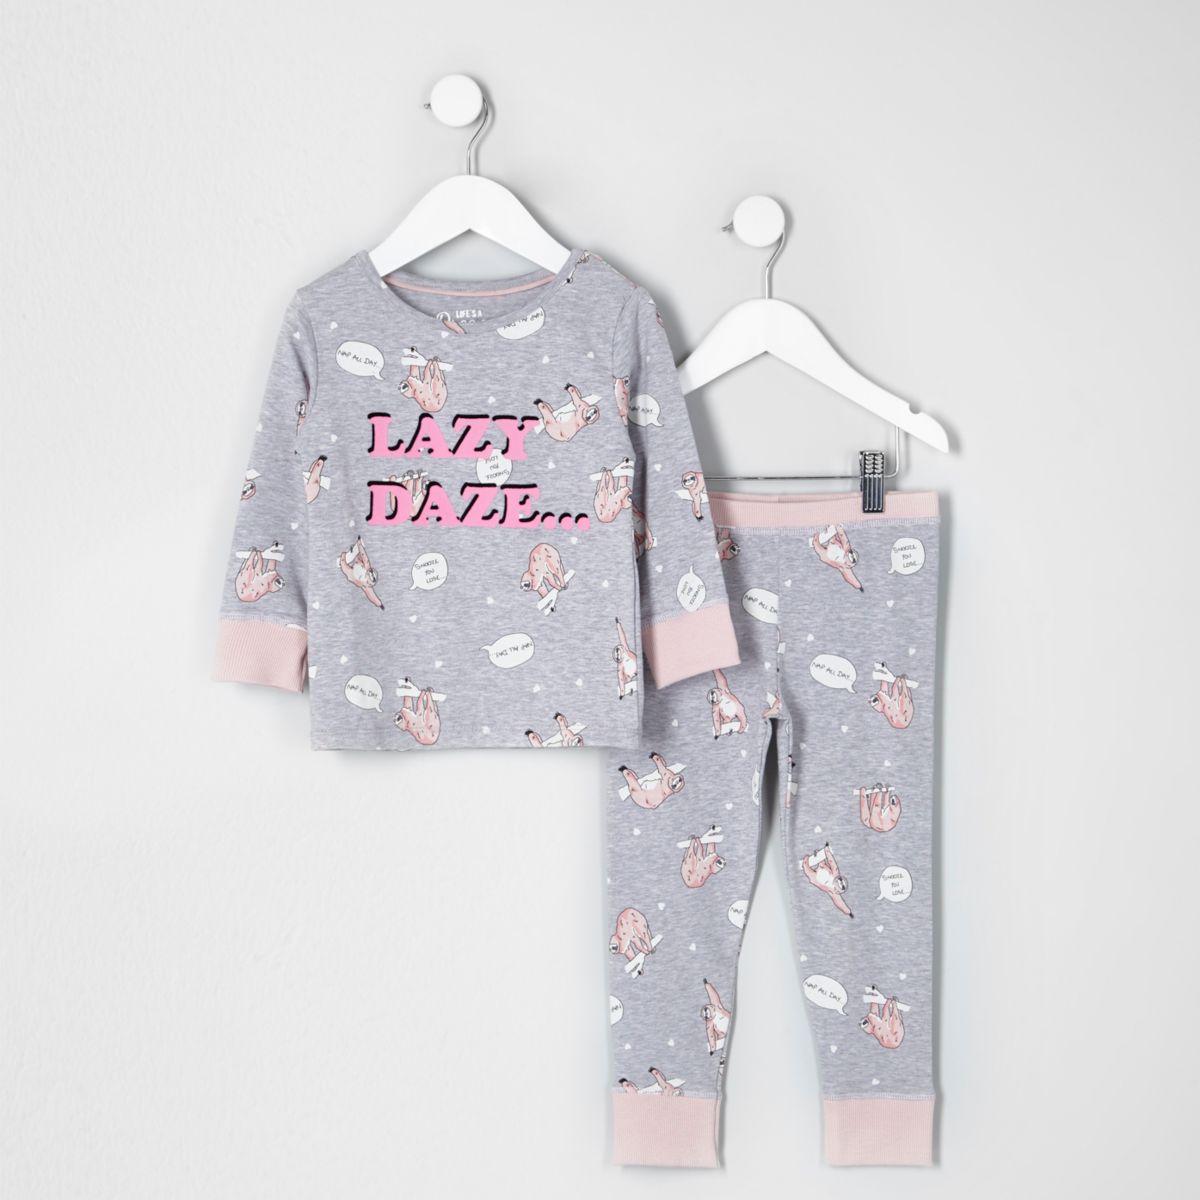 Pyjama gris imprimé « Lazy dazy » mini fille